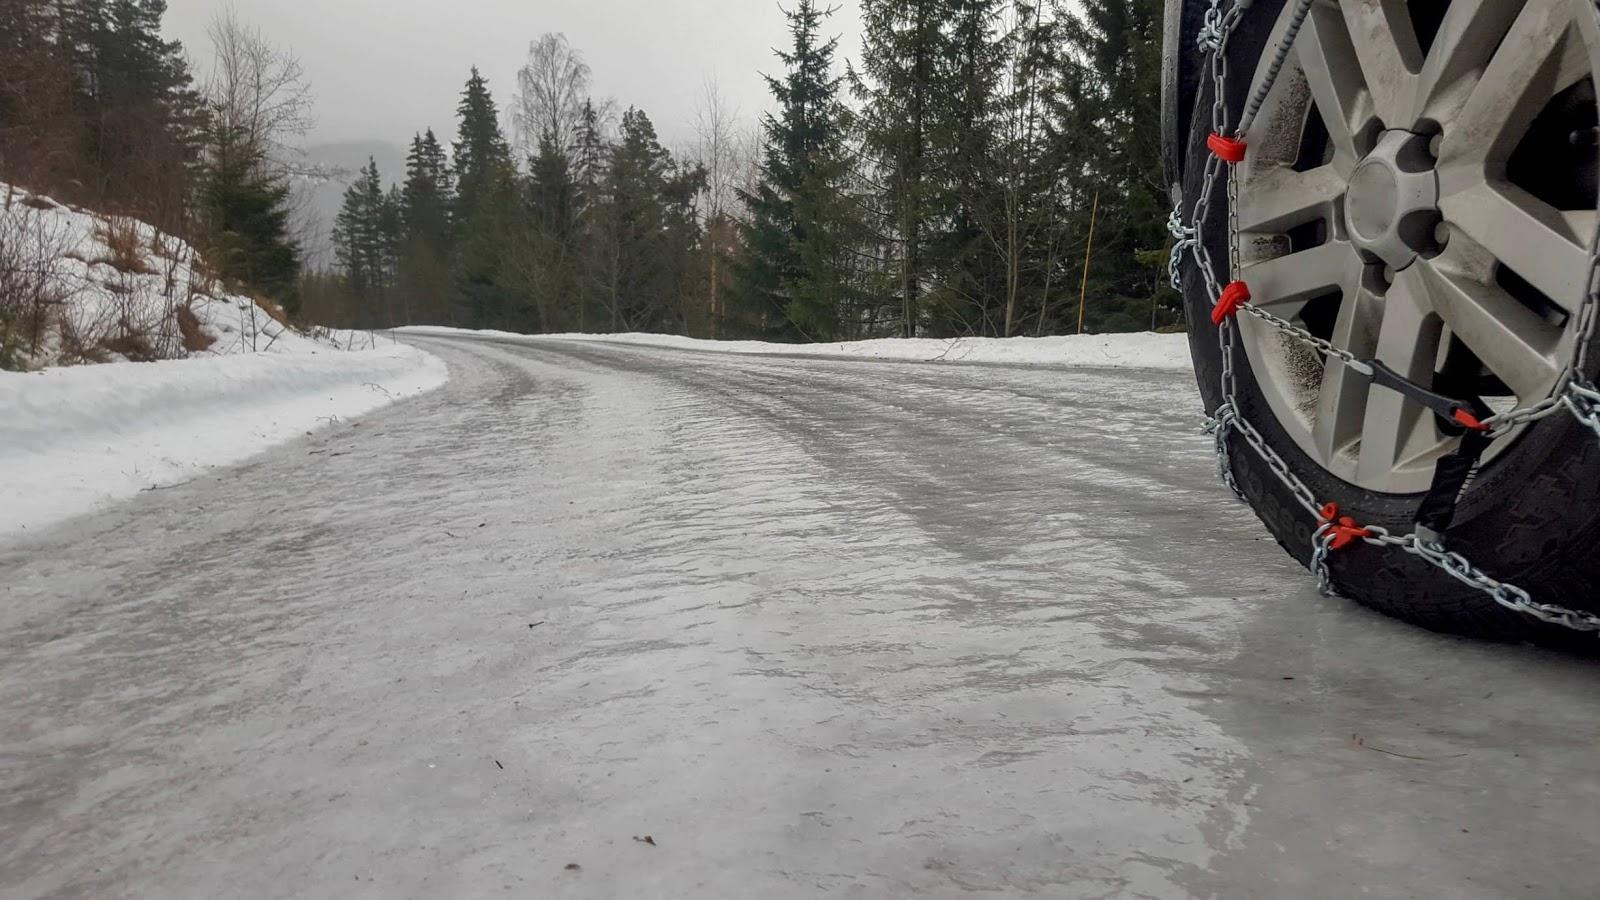 Winter Truck Driver Emergency Checklist